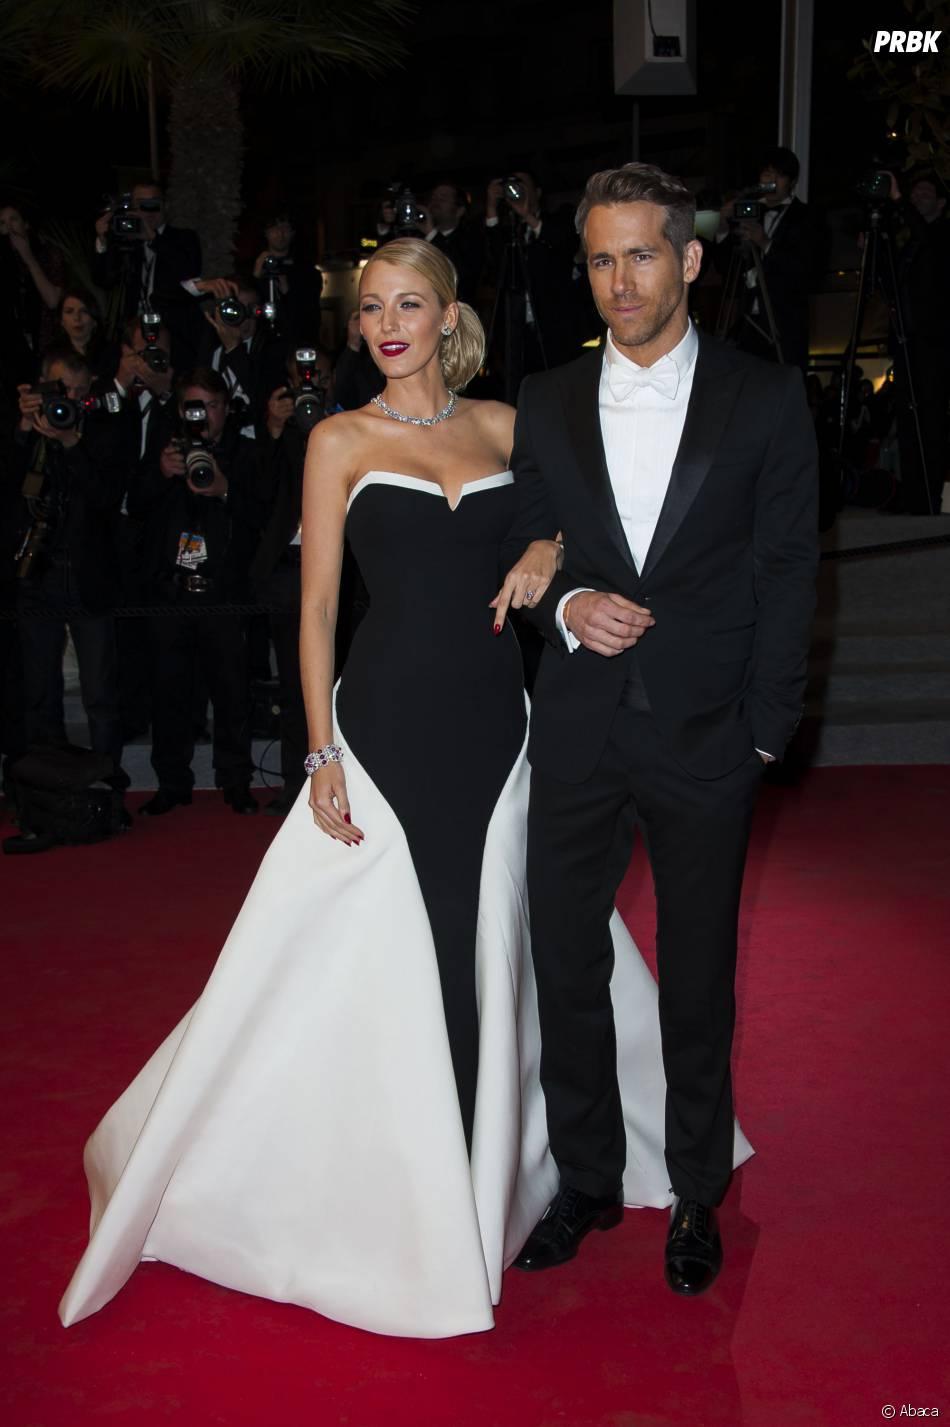 Blake Lively et Ryan Reynolds en couple sur le tapis rouge du Festival de Cannes 2014, le vendredi 16 mai